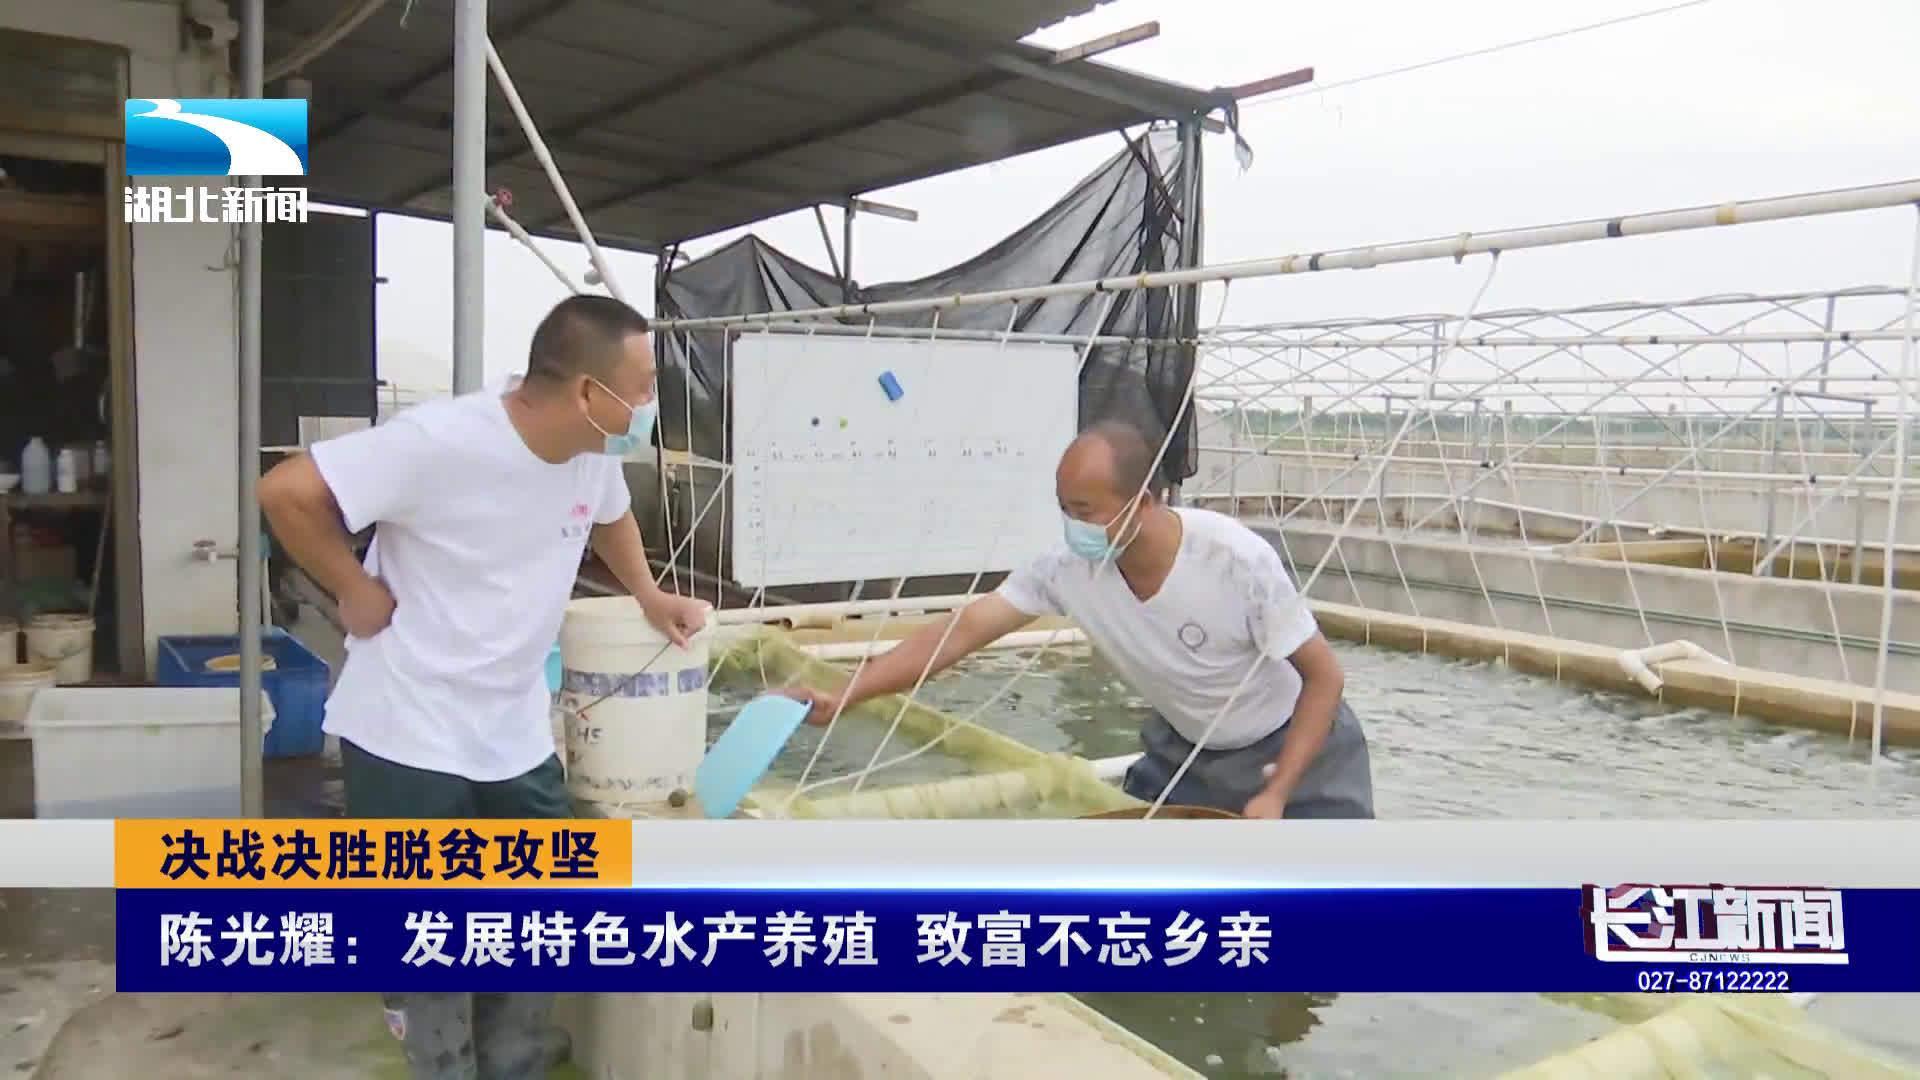 致富不忘乡亲 陈光耀:发展特色水产养殖 带动村民增收致富